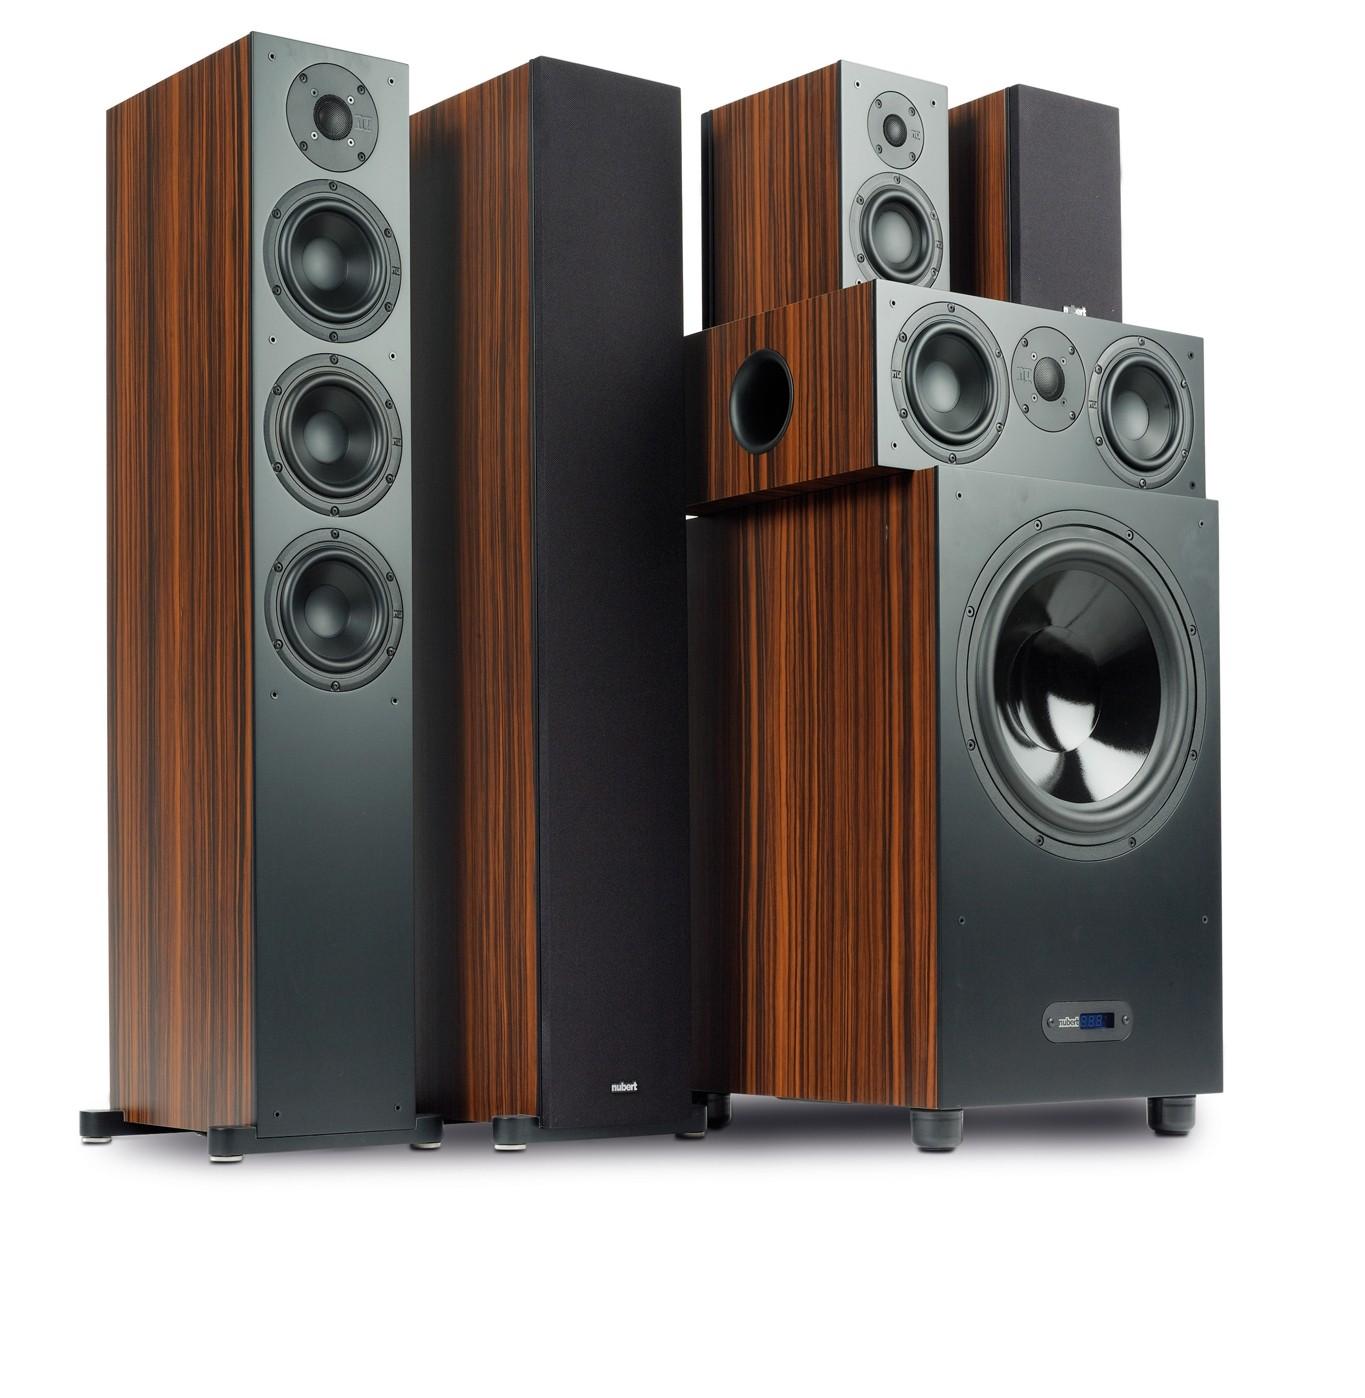 test lautsprecher surround nubert 5 1 nubox set 513 cs413 303 und aw 993 sehr gut seite 1. Black Bedroom Furniture Sets. Home Design Ideas